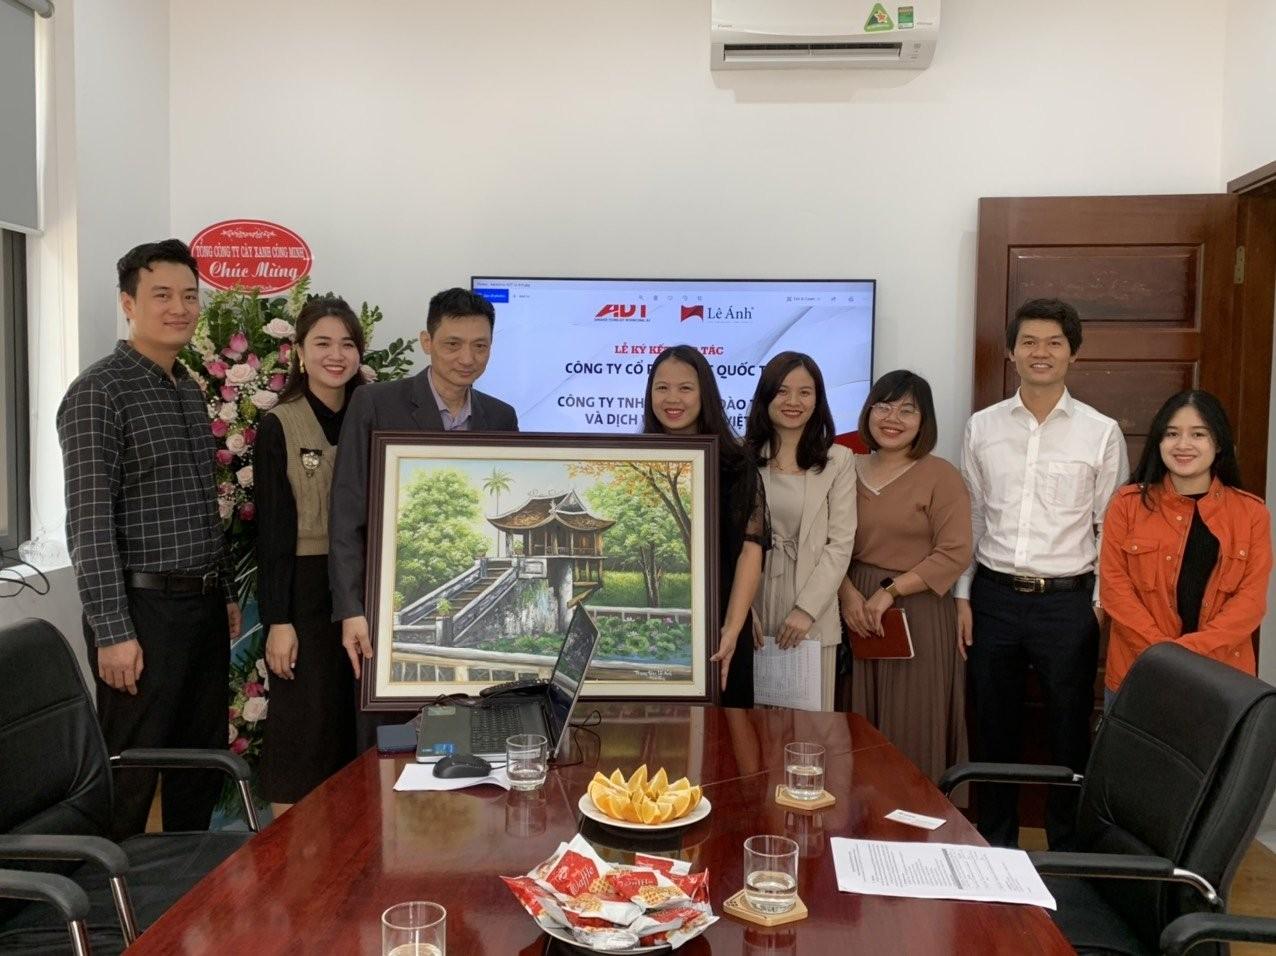 Trung tâm Lê Ánh tặng quà lưu niệm